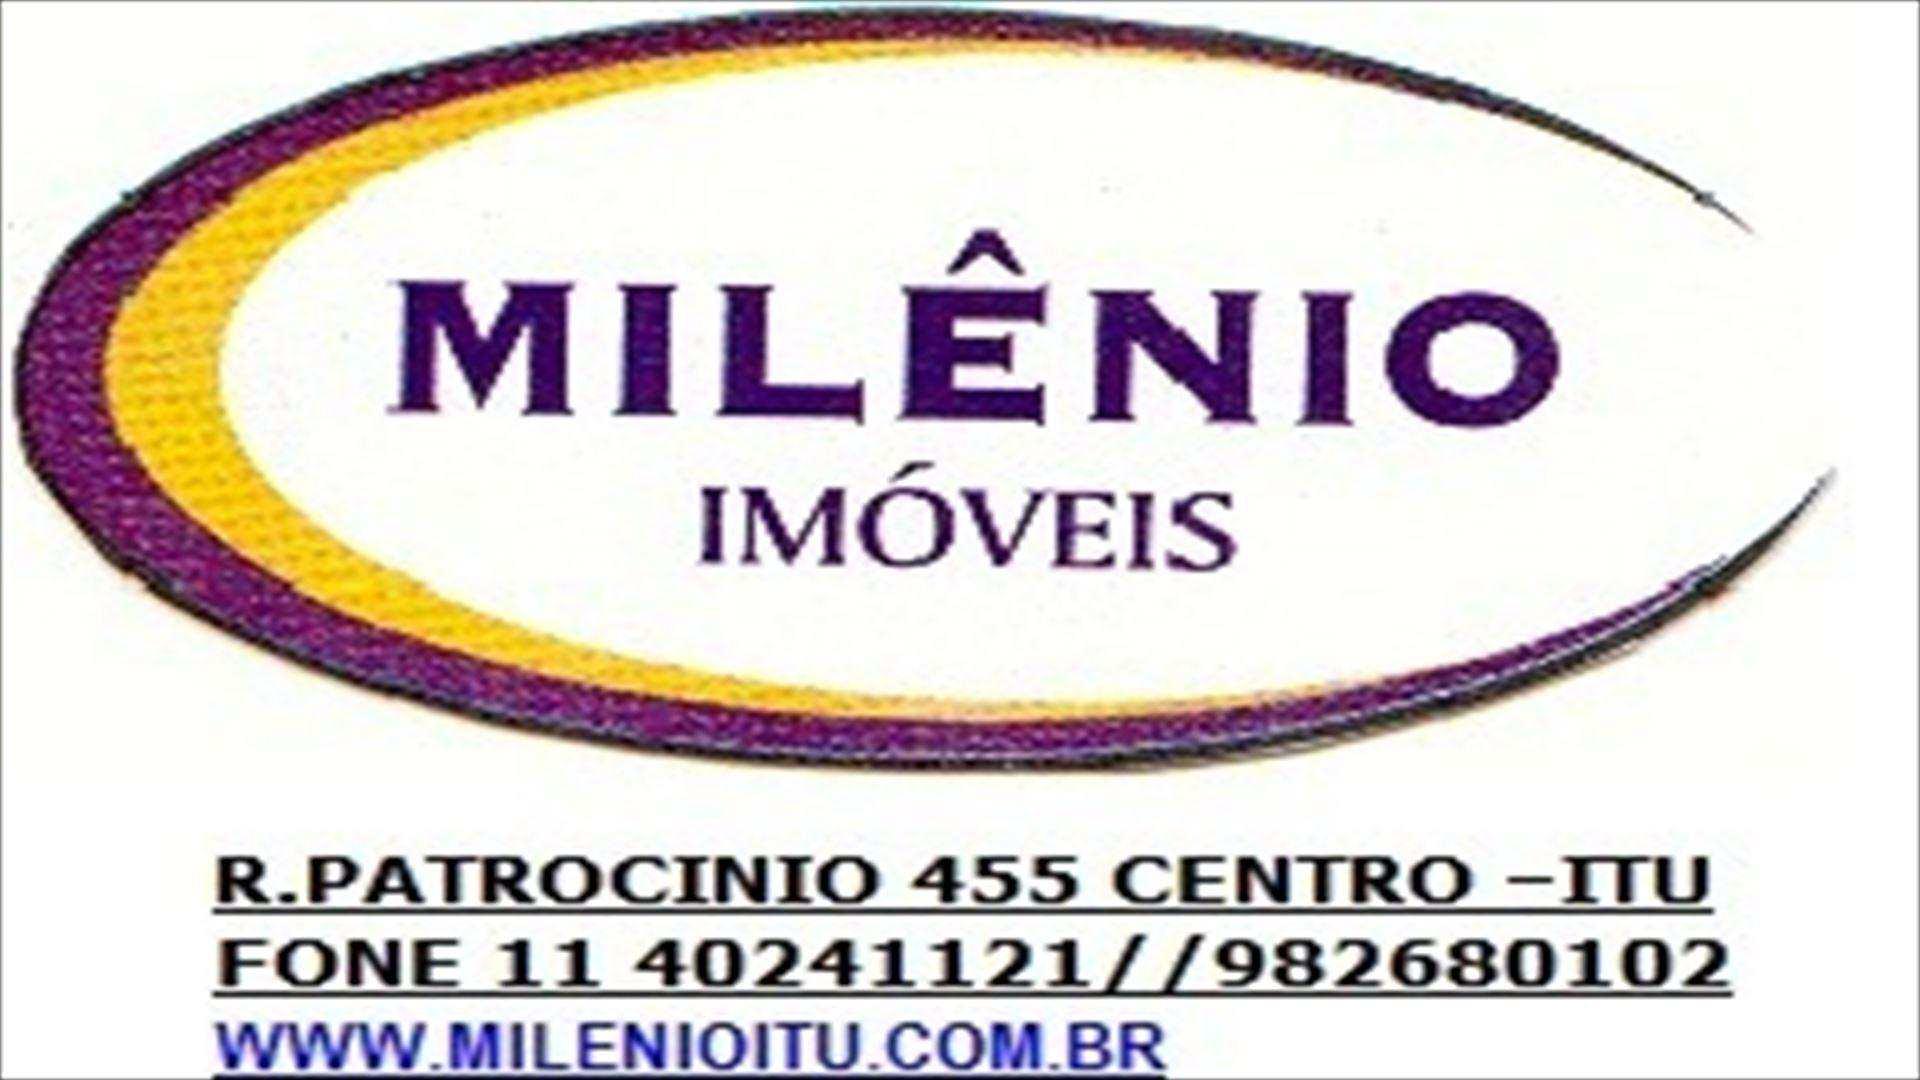 185700-LOGO_TIPO_MILENIO1.jpg